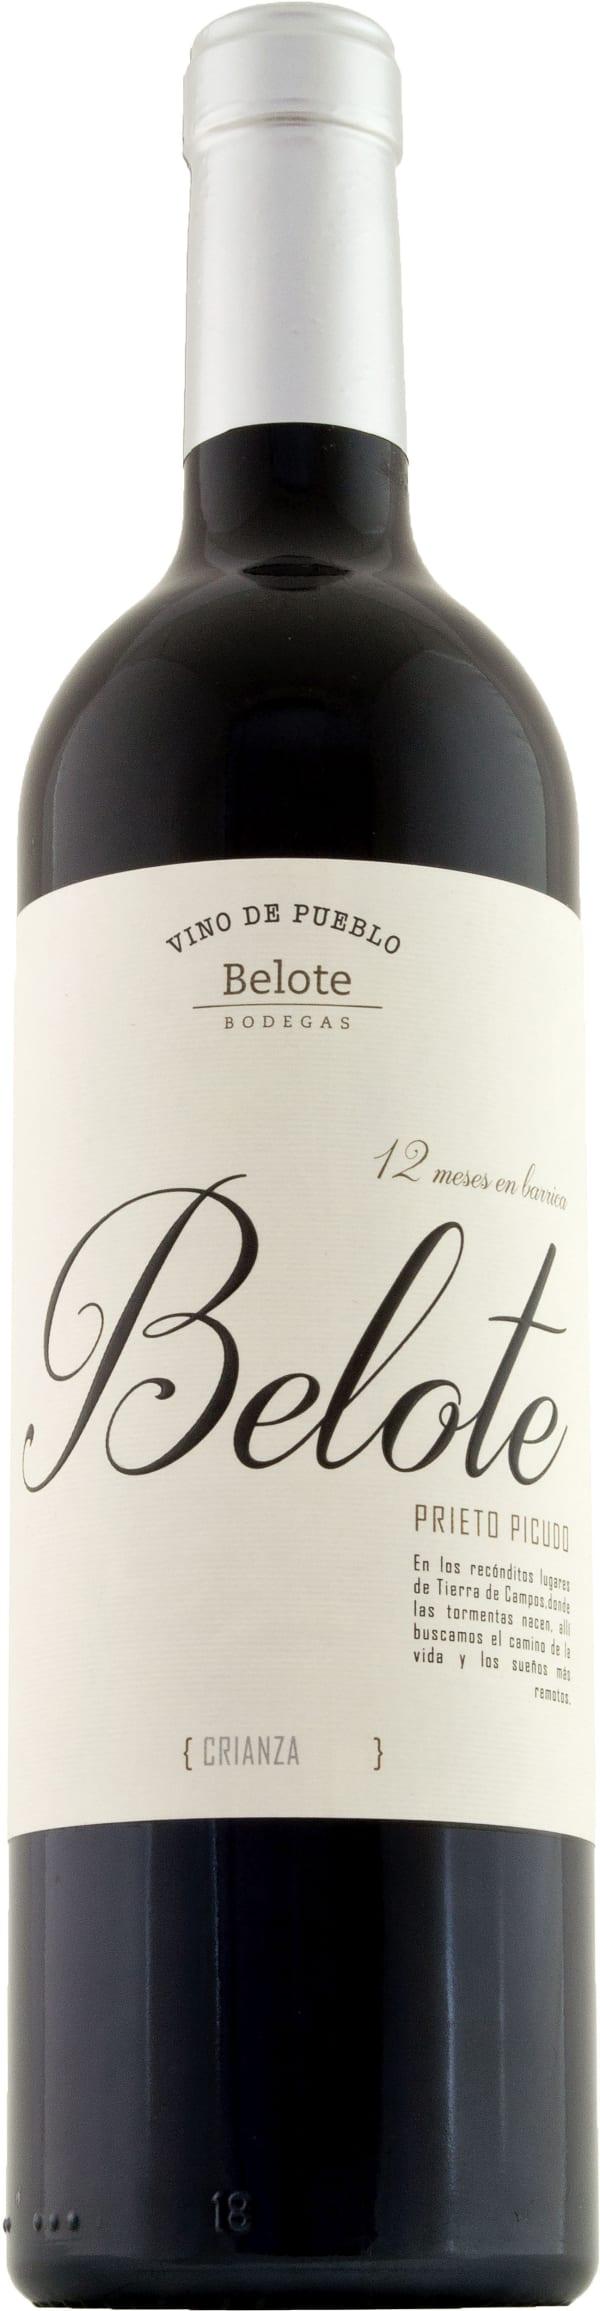 Belote Prieto Picudo Crianza 2014